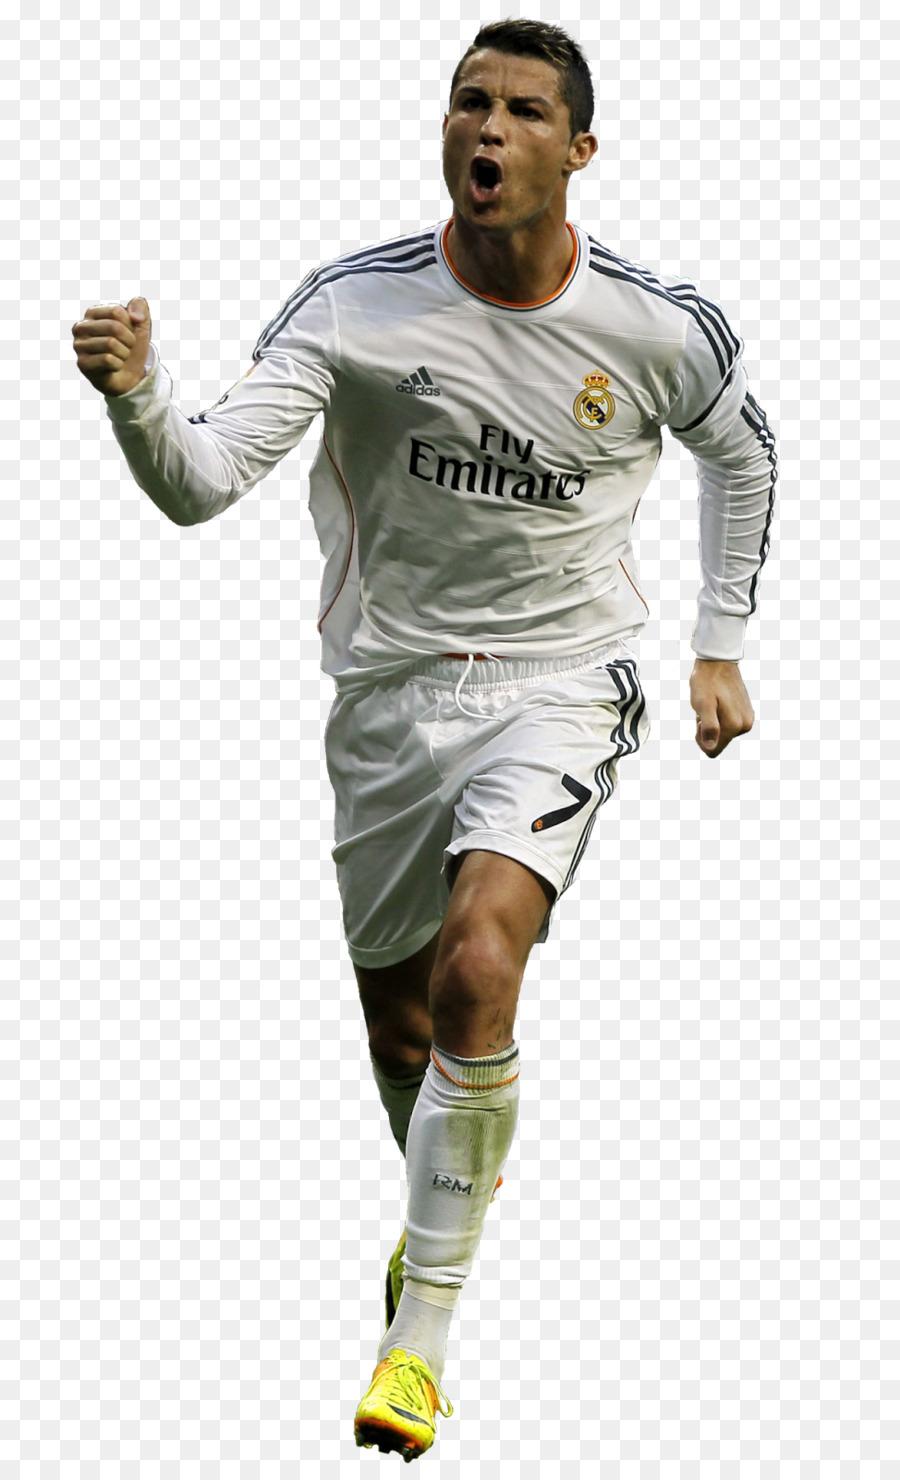 Descarga gratuita de La Fifa 18, Cristiano Ronaldo, El Real Madrid Cf Imágen de Png